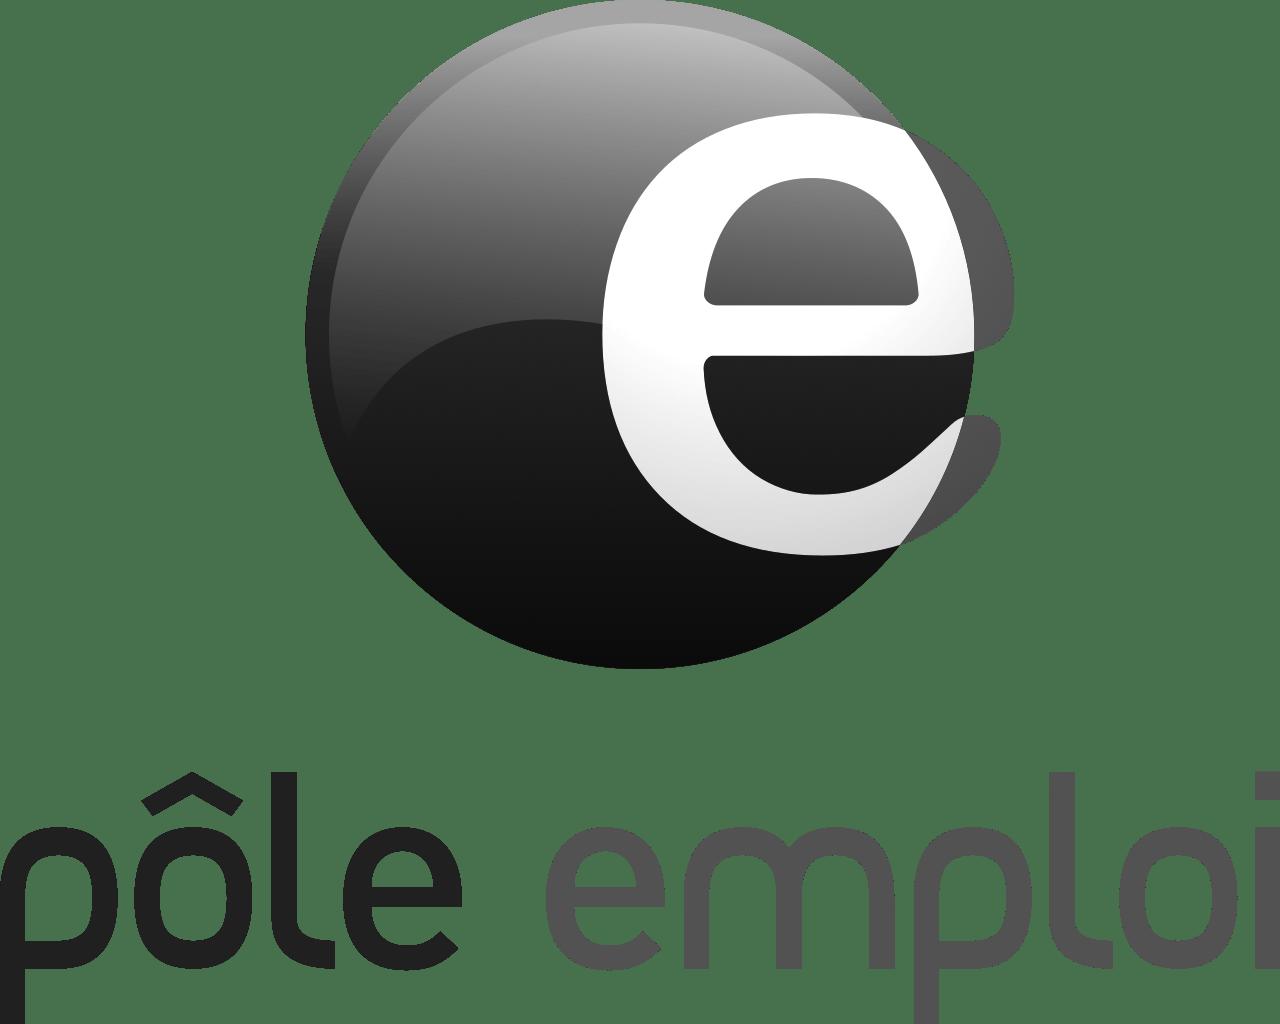 poleemploi-logo